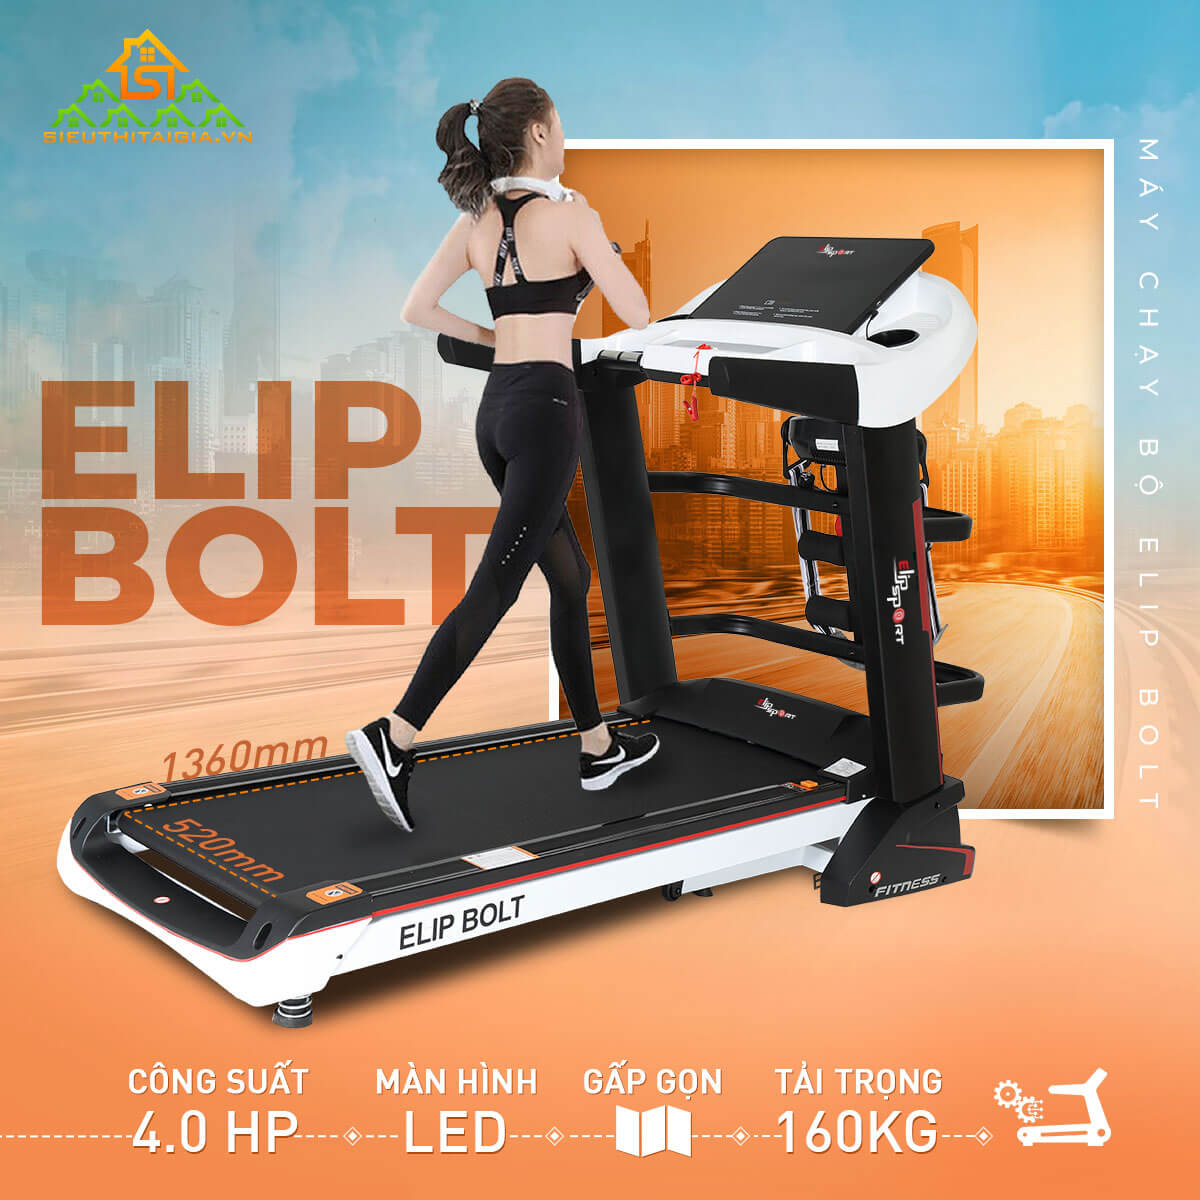 máy chạy bộ đa năng Elip Bolt